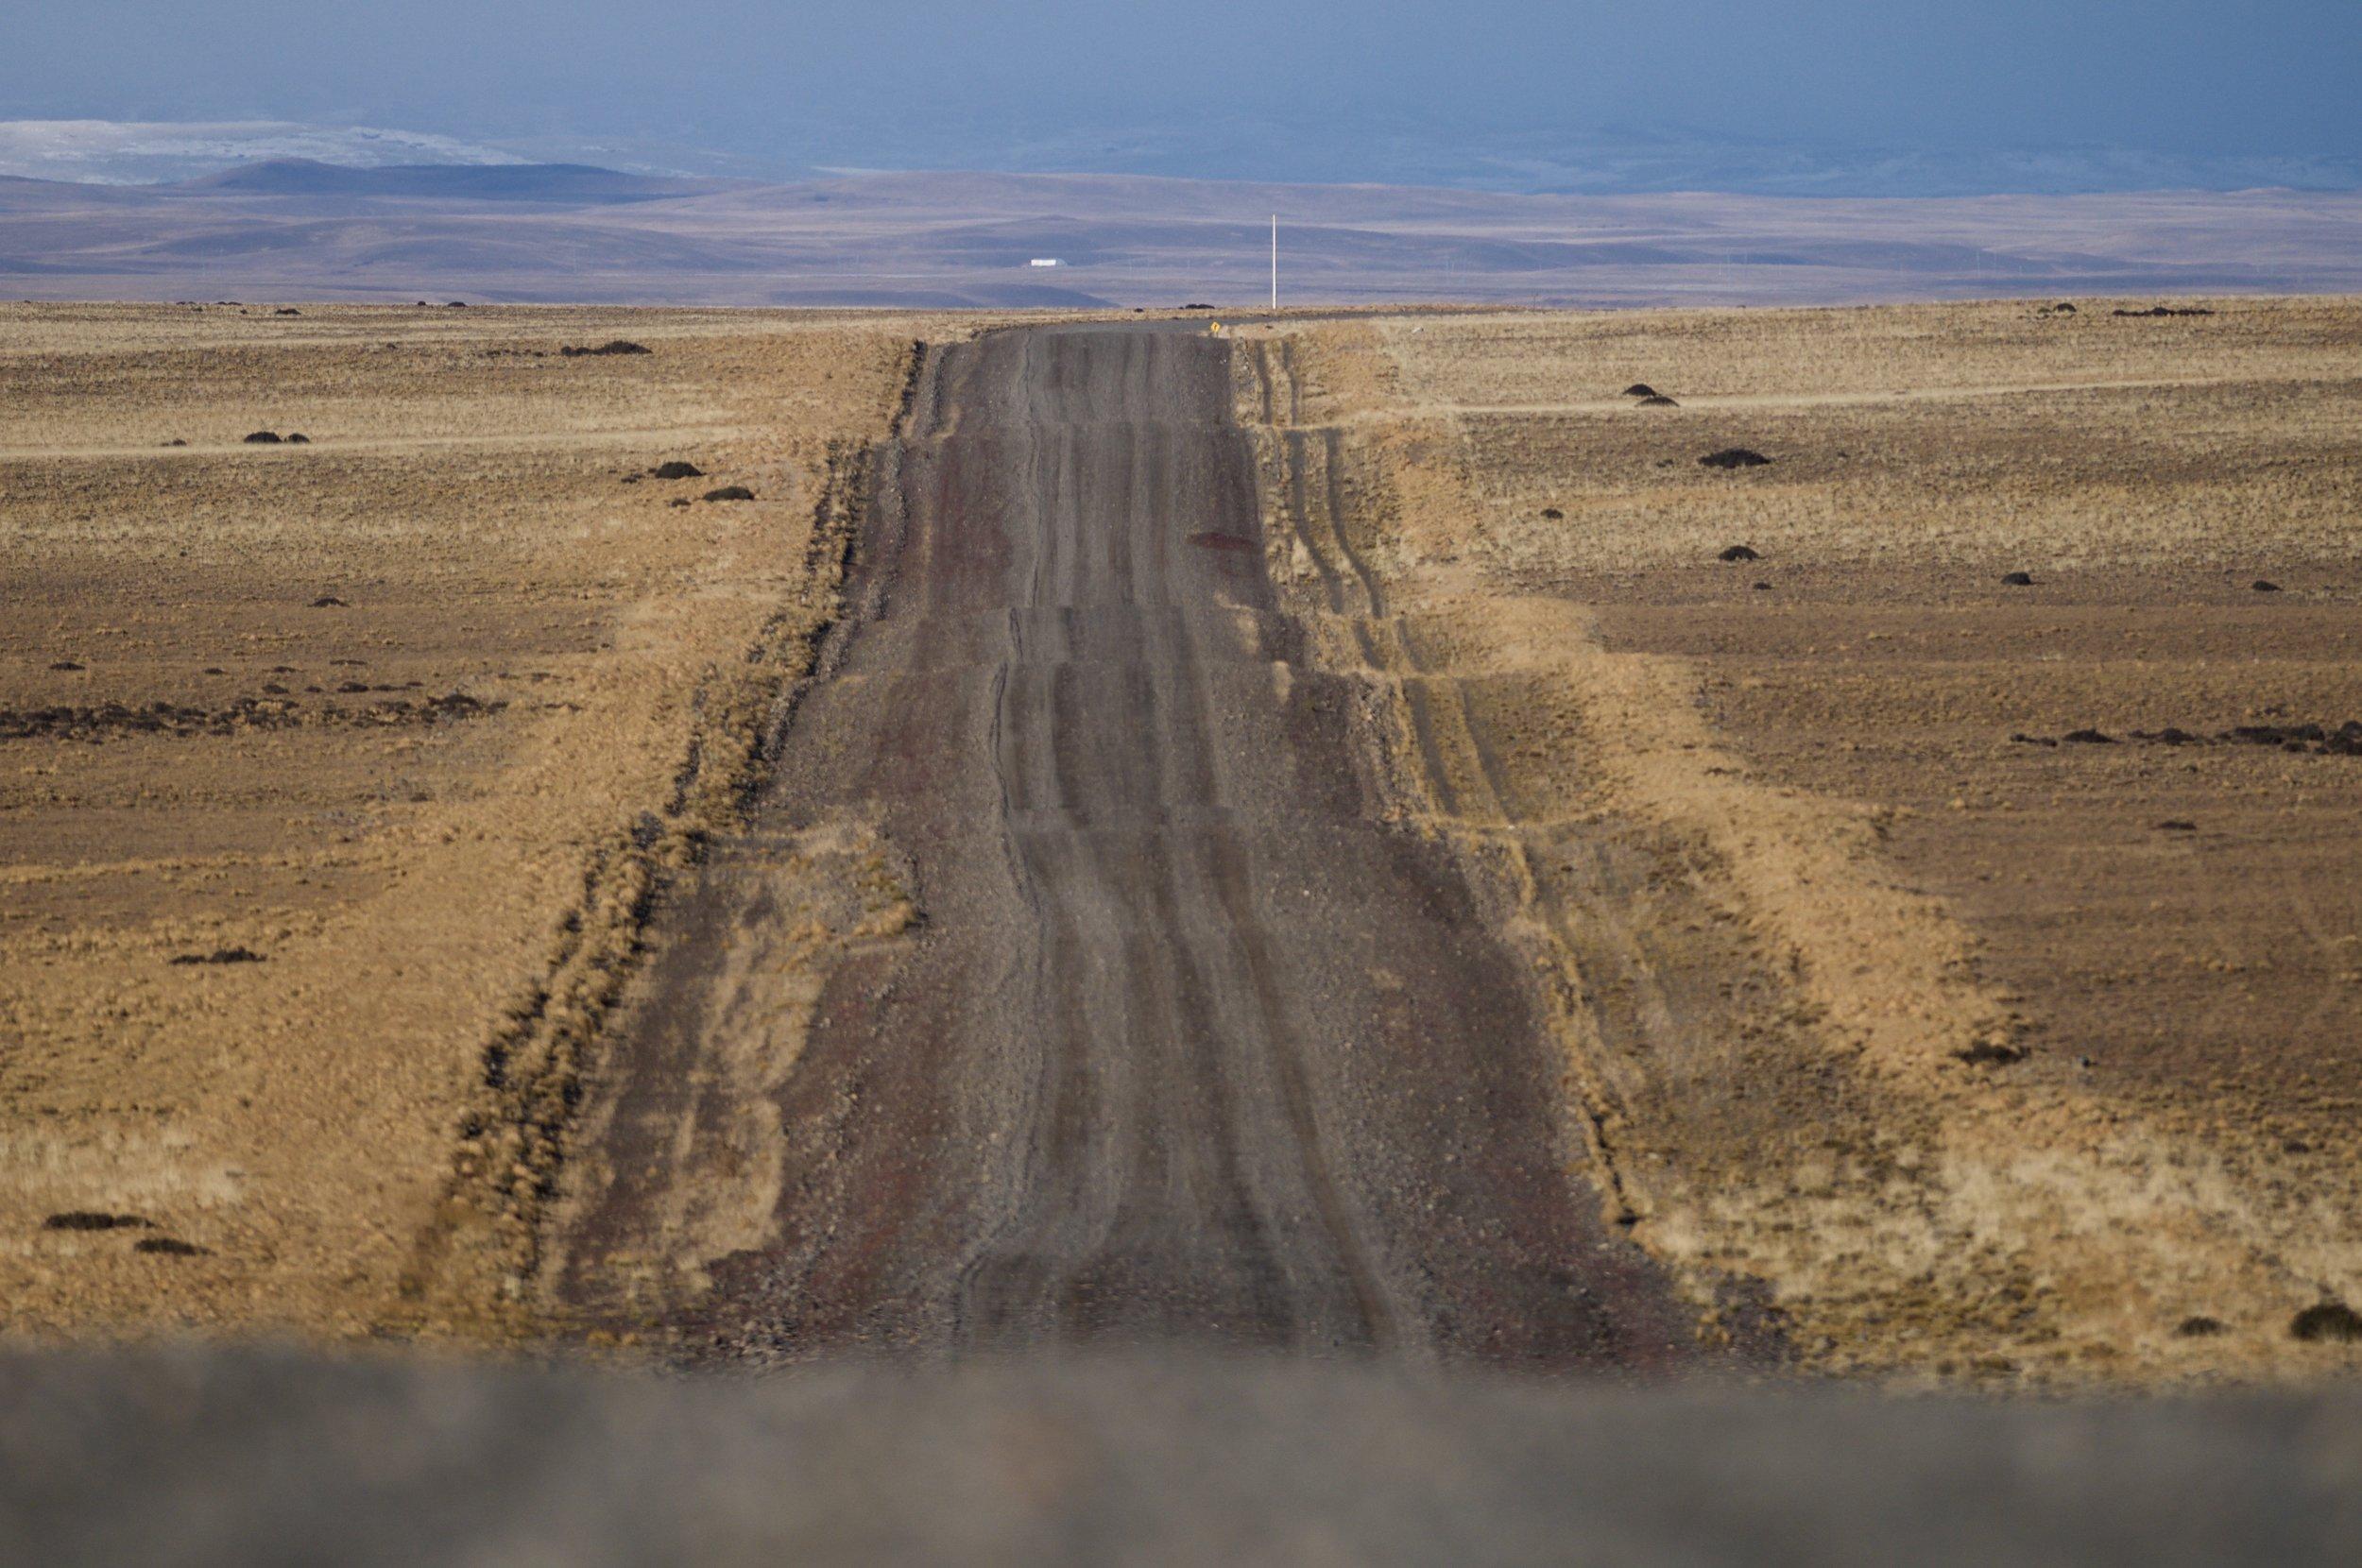 Carretera 40 in Argentina, near Torres del paine.